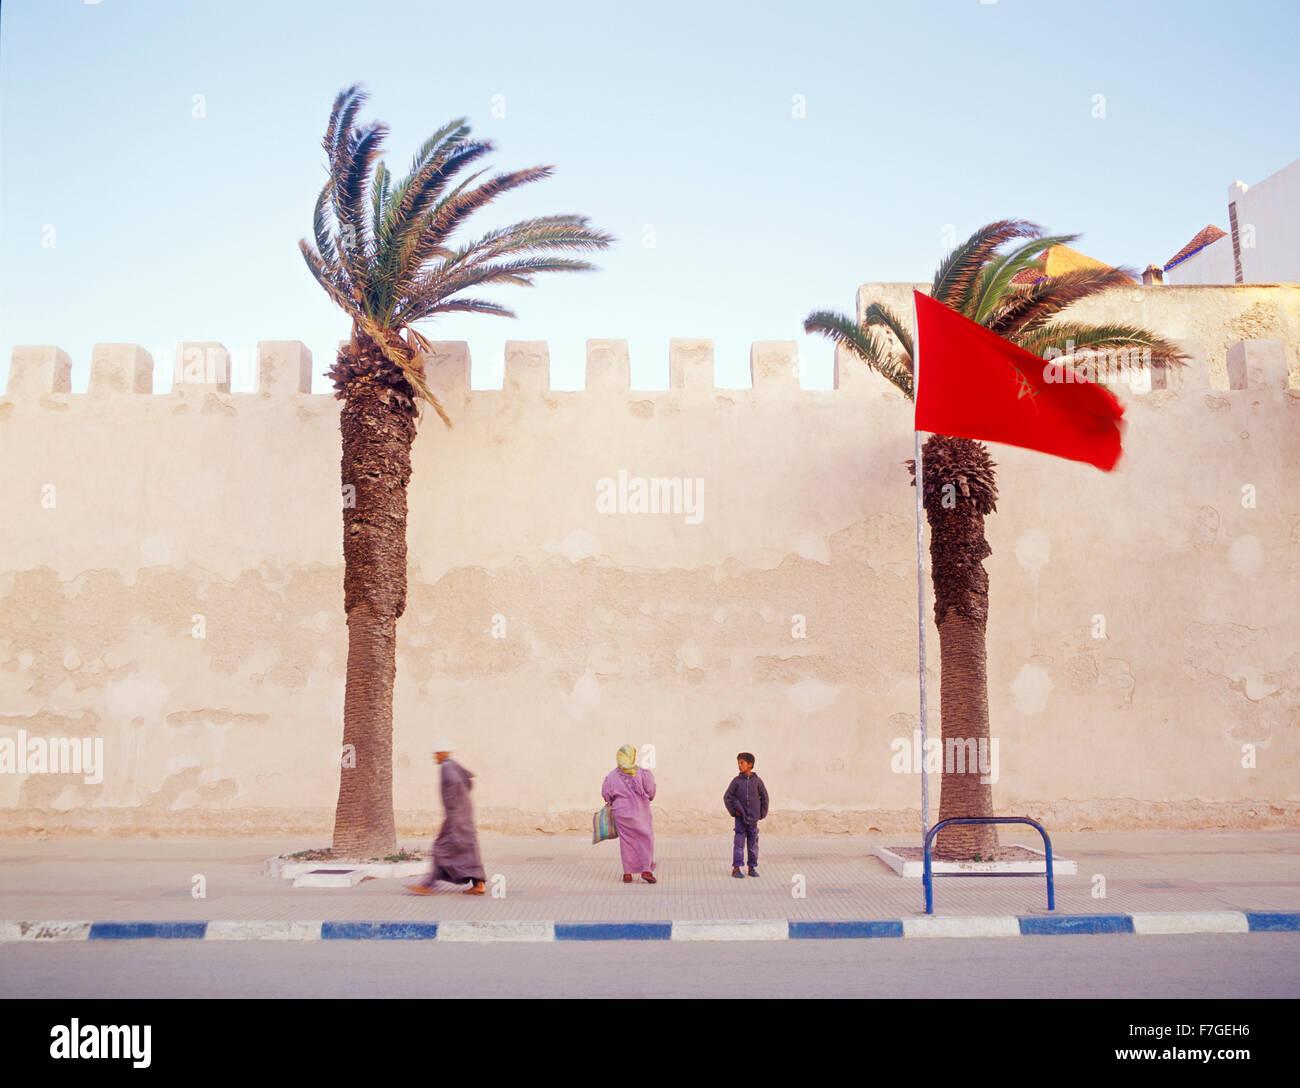 Ein marokkanischer Muslim geht zügig vorbei an der Stadtmauer auf seinem Weg zum Morgengebet. Essaouira, Marokko Stockbild